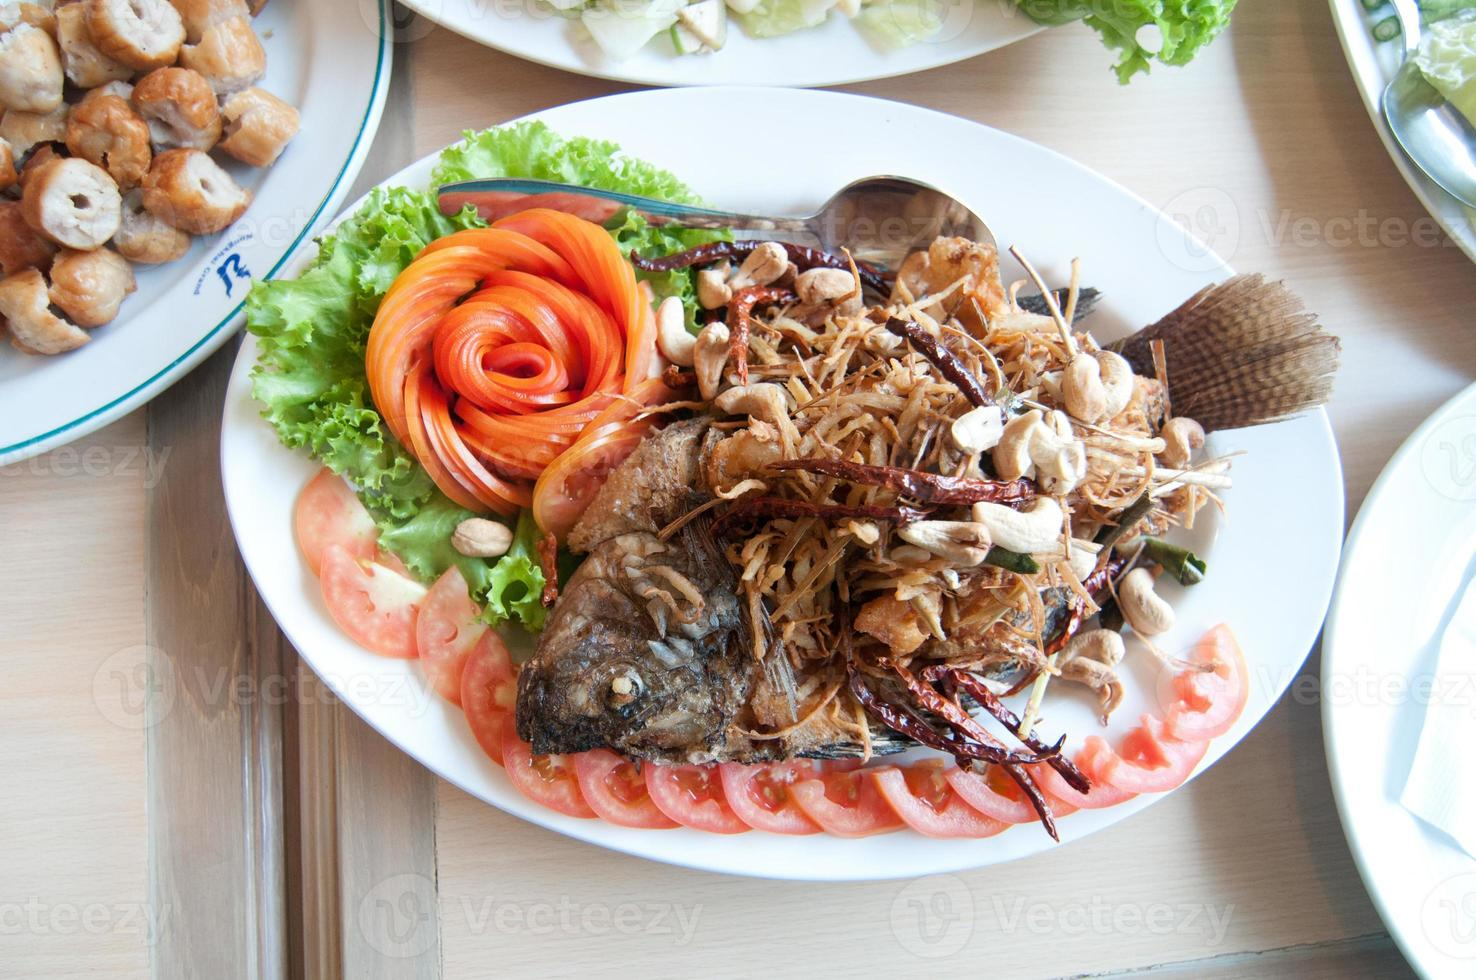 comida tailandesa pescado frito con guarnición de hierbas foto